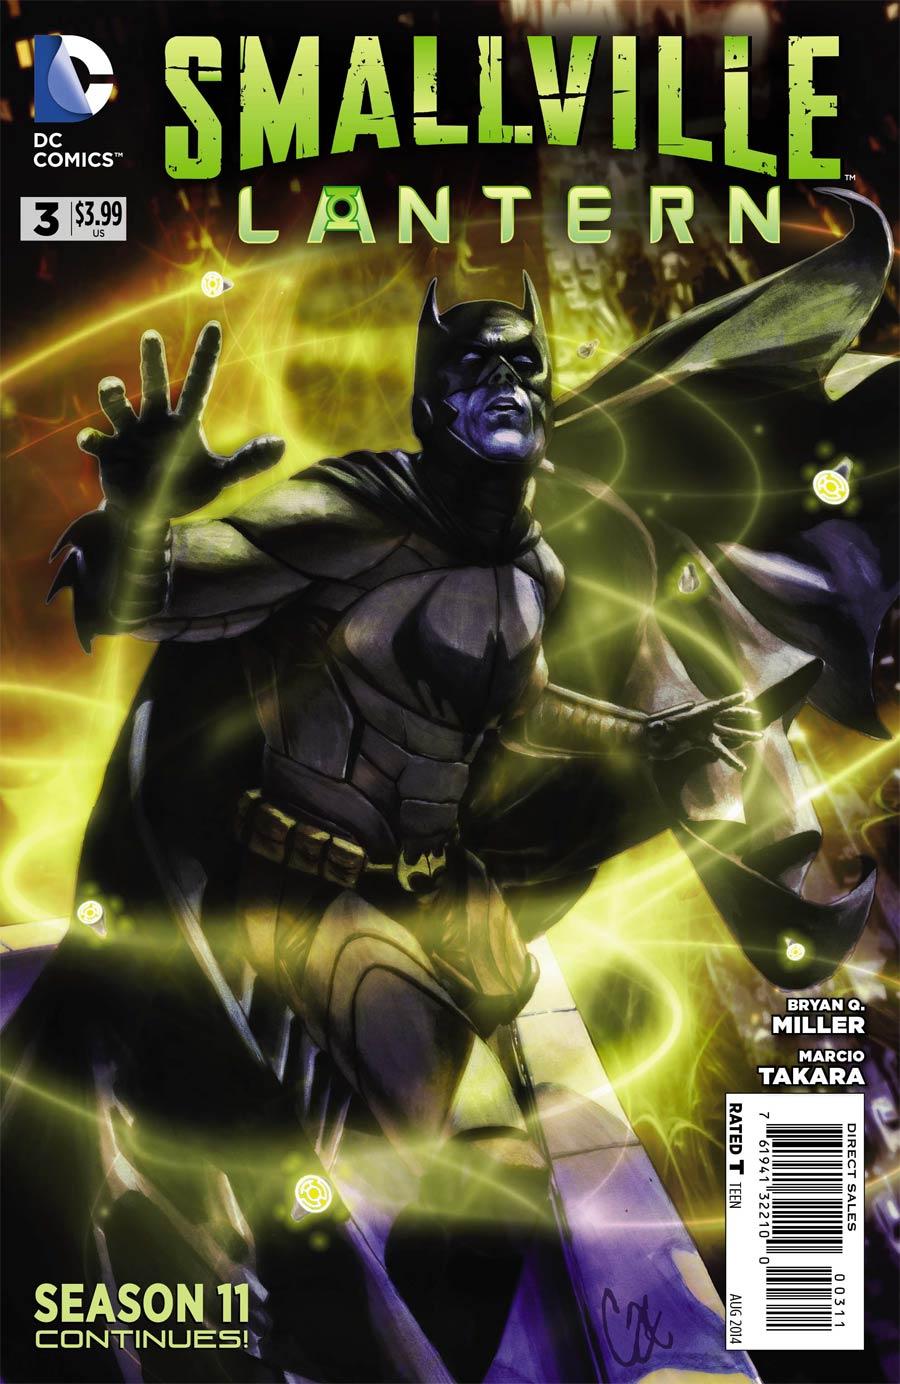 Smallville Season 11 Lantern #3